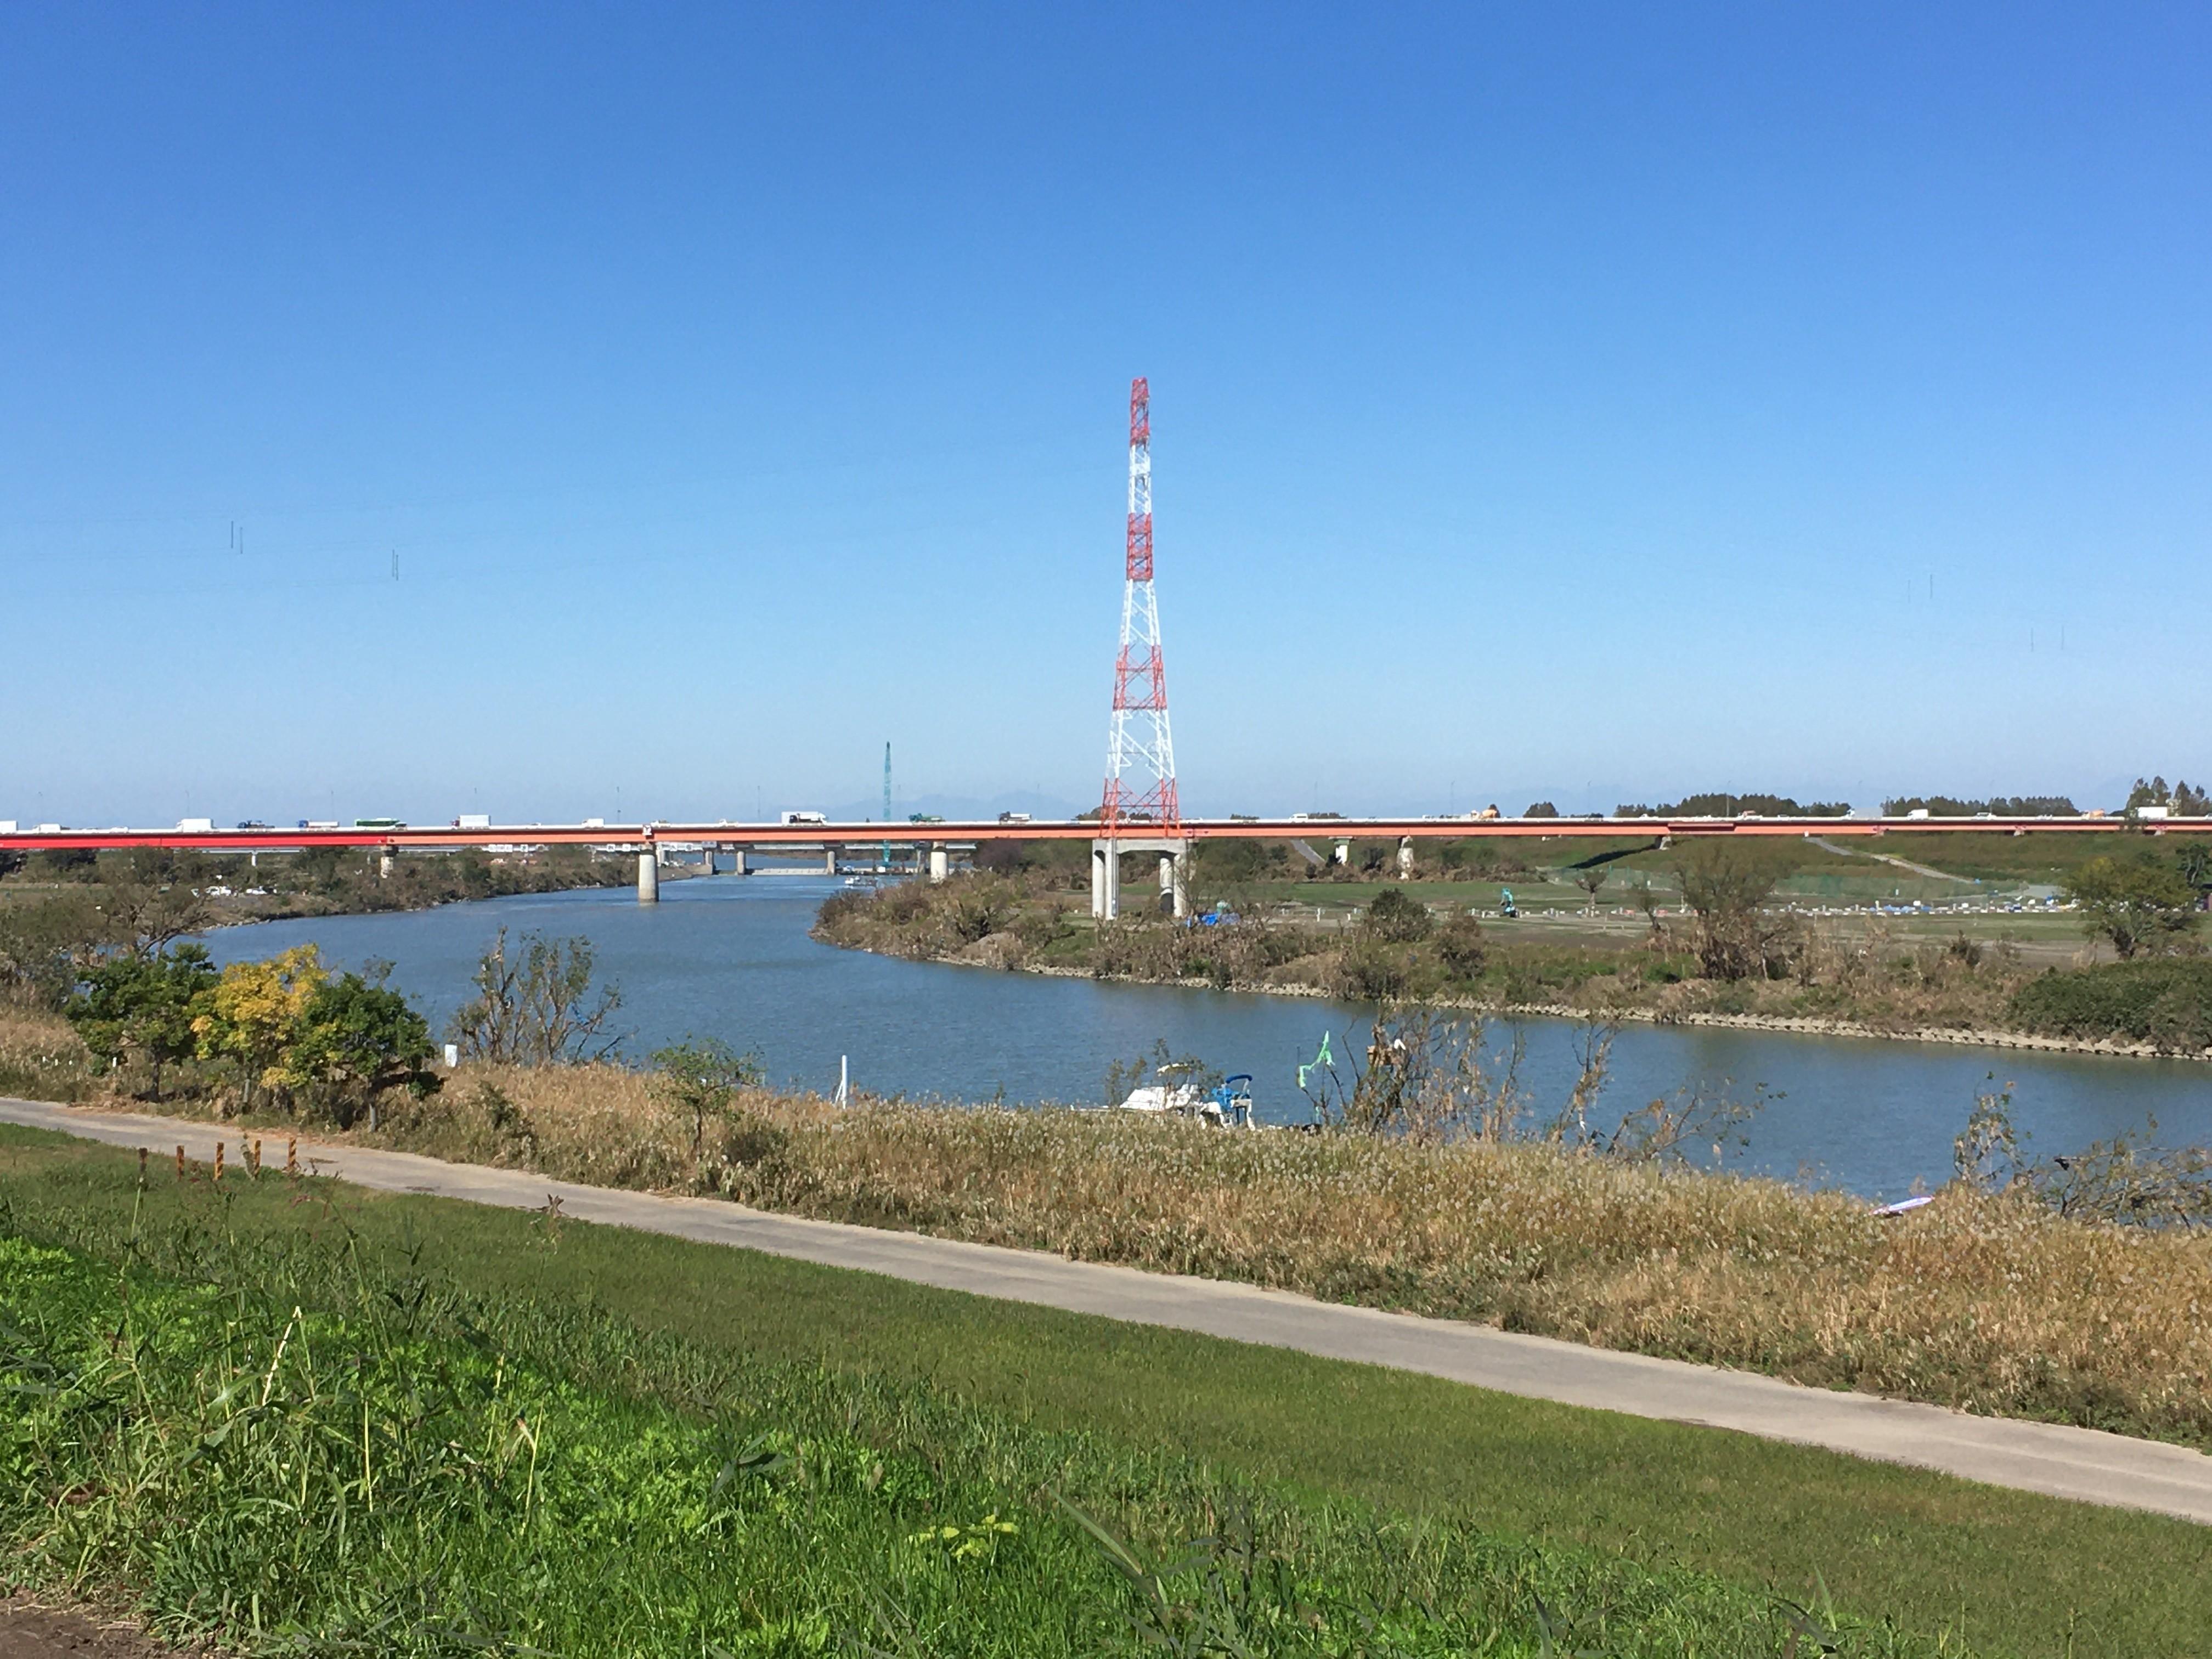 荒川右岸(堤防遊歩道)から羽根倉橋(浦和所沢バイパス)を眺める